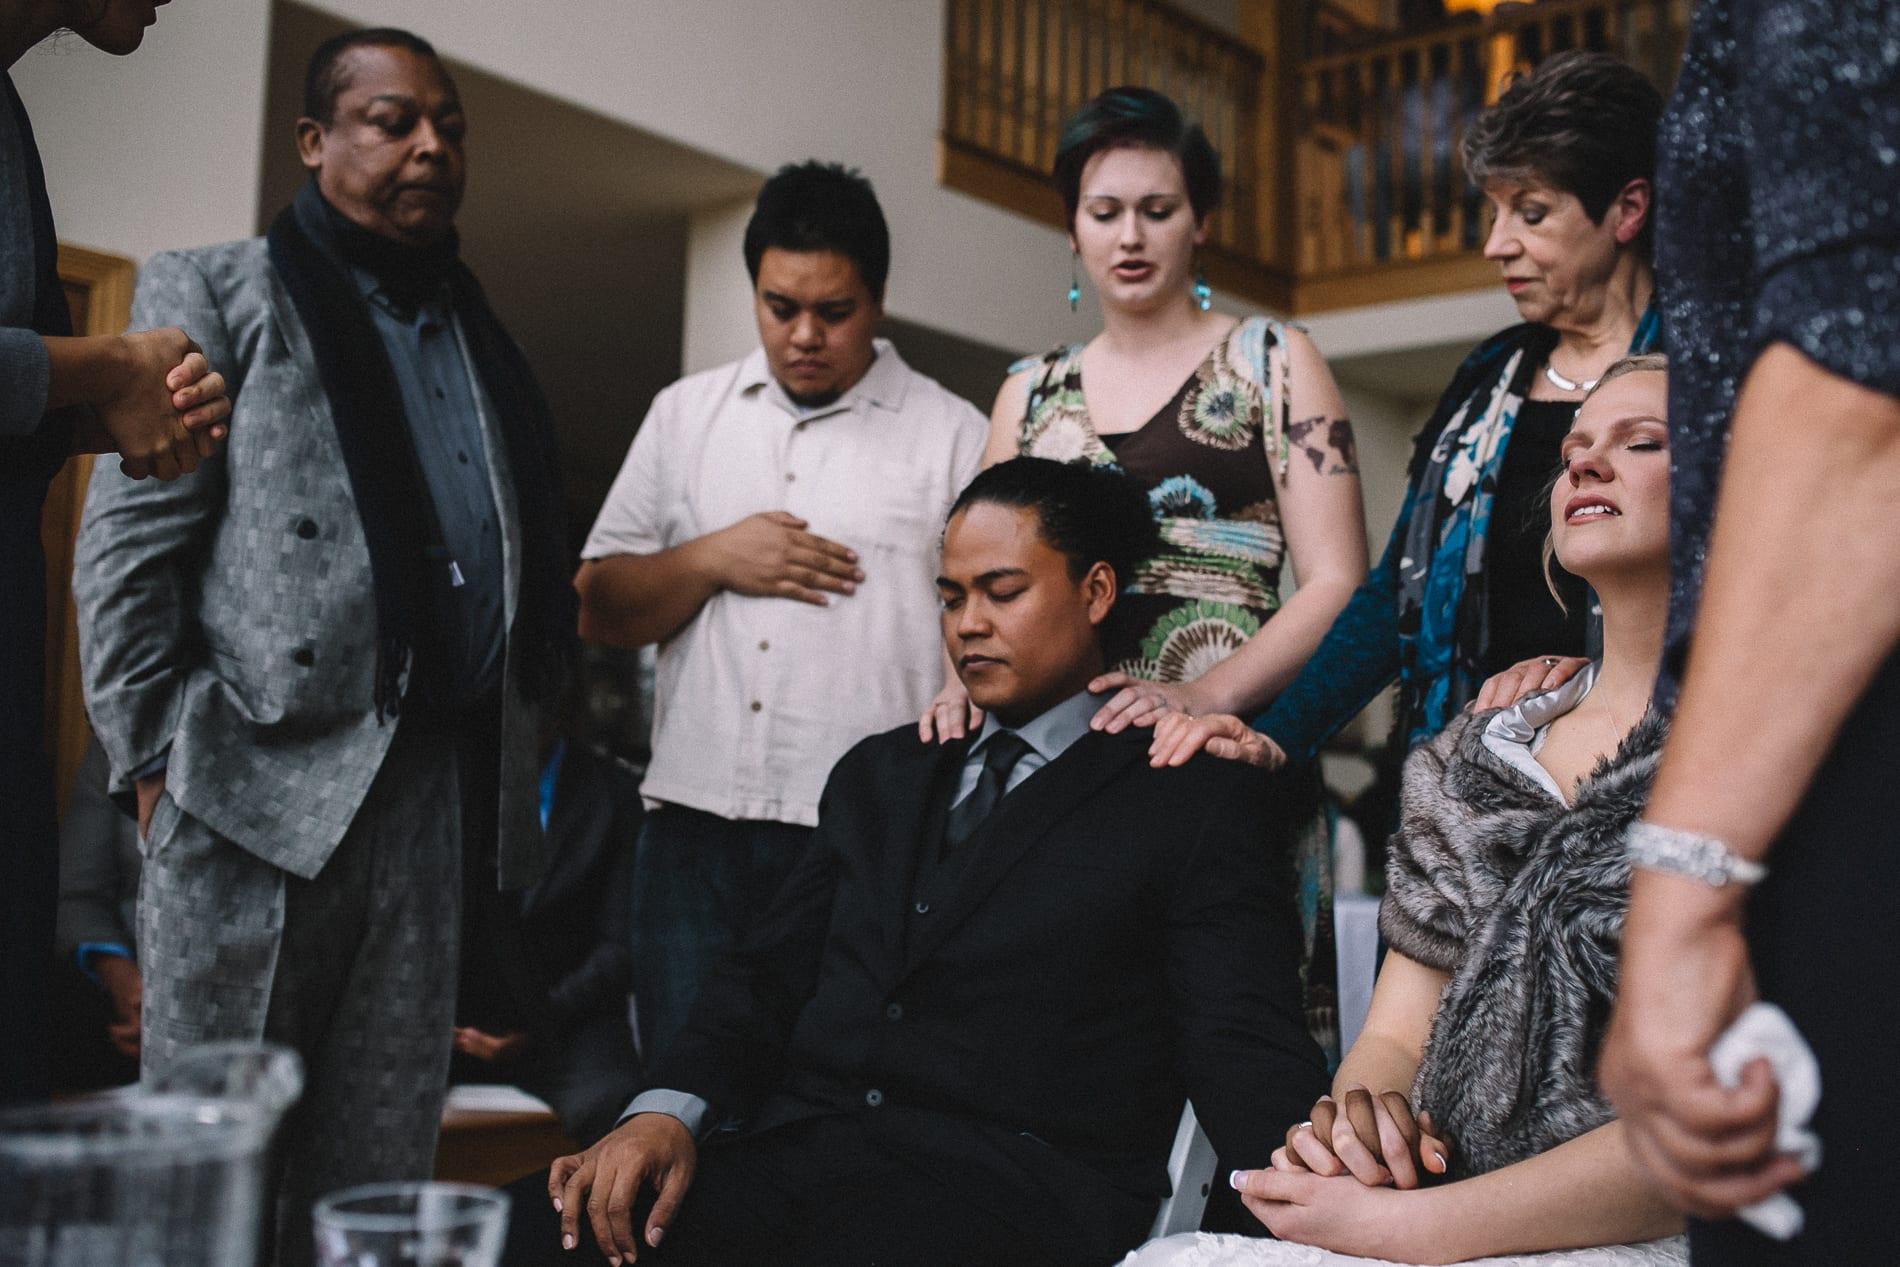 morrow-ranch-round-mountain-wedding-photo-45